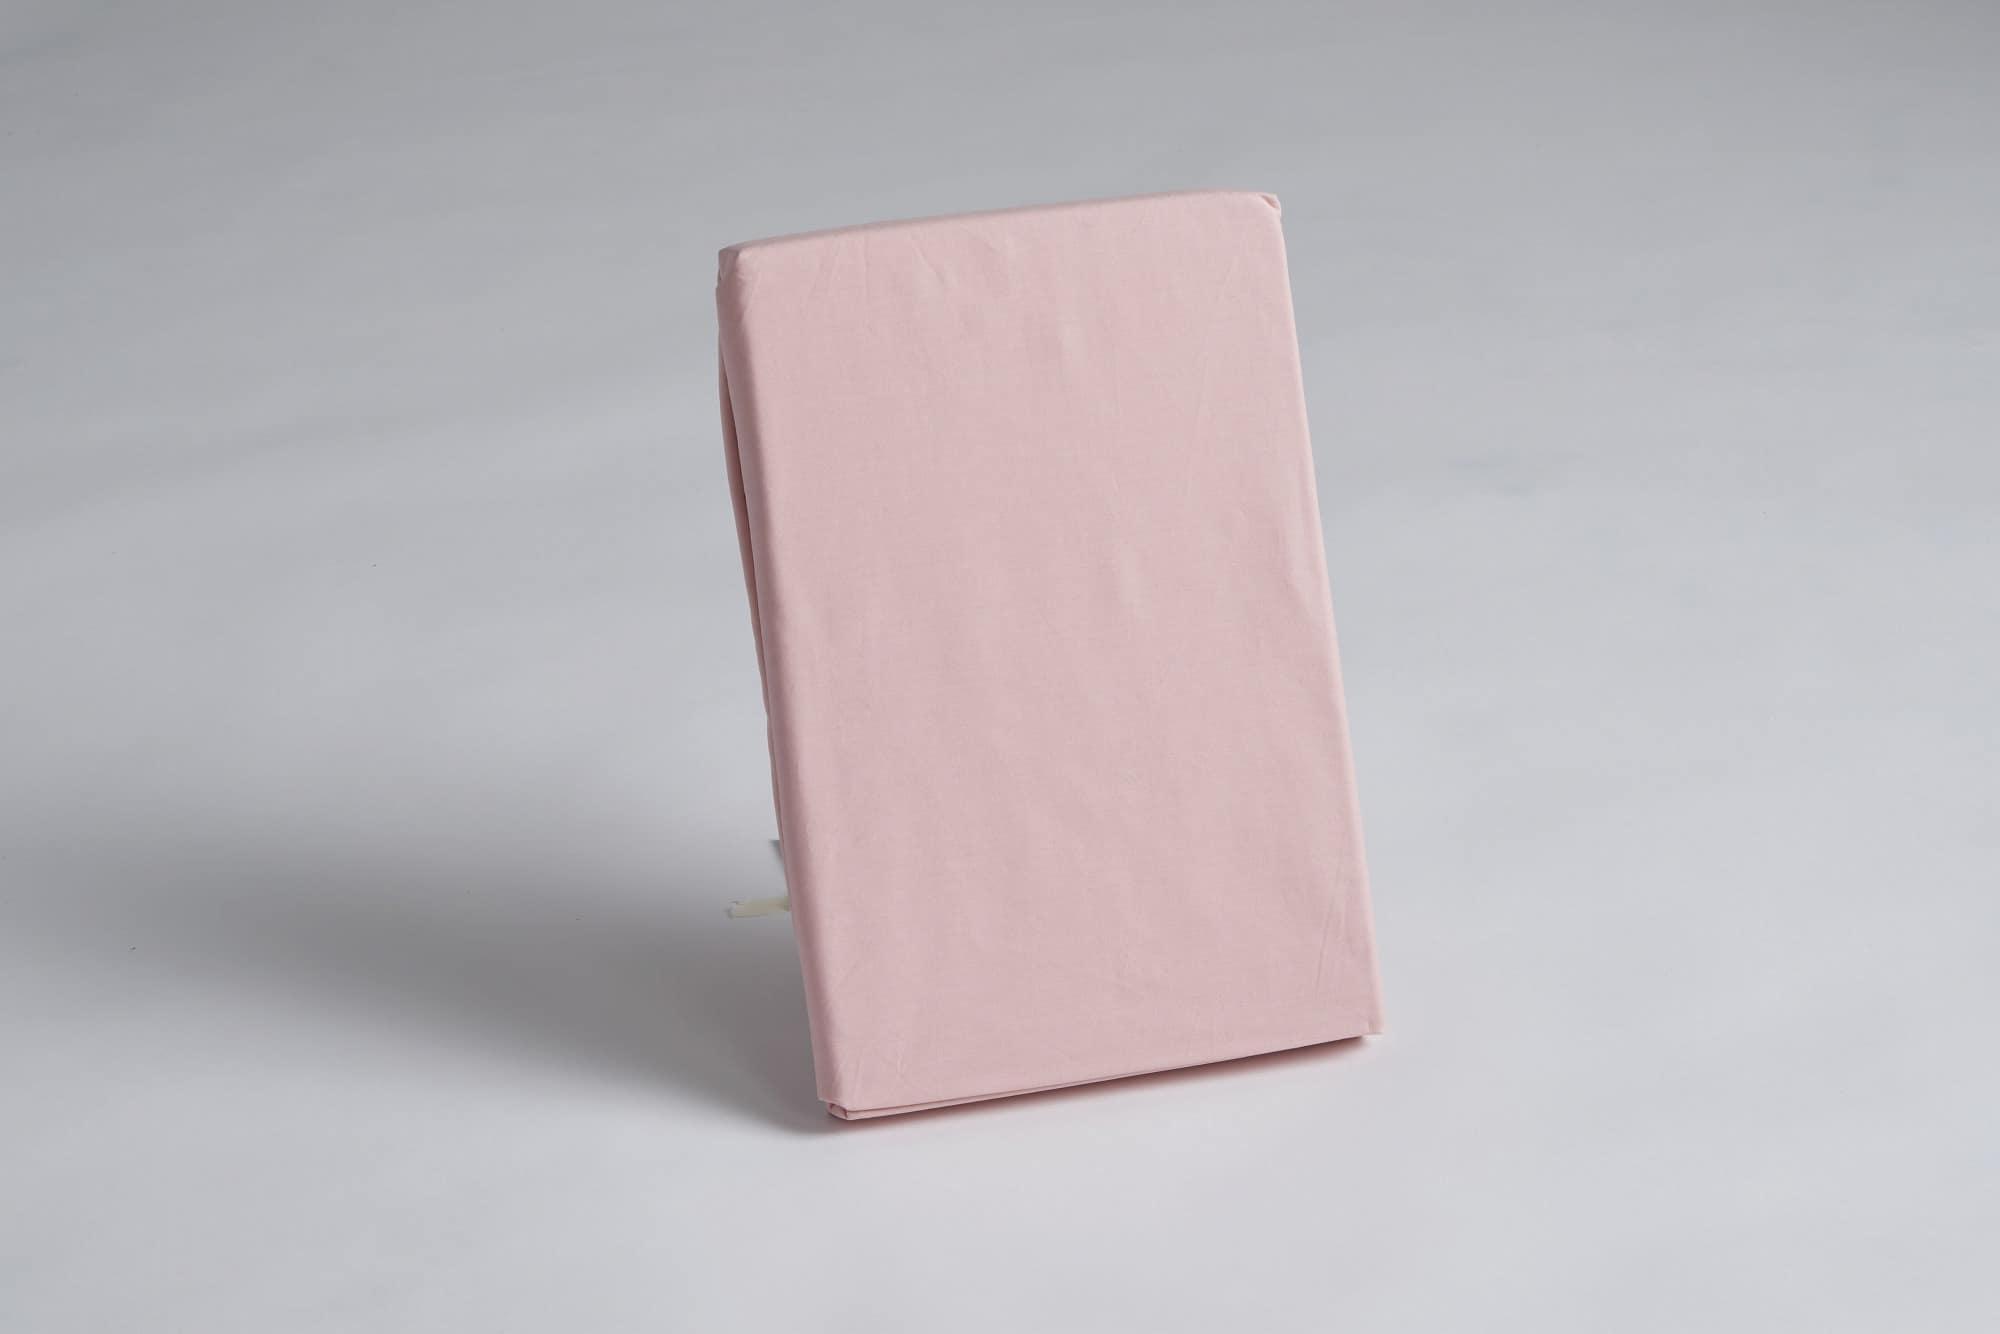 ボックスシーツ クイーン1用 45H ピンク:《綿100%を使用したボックスシーツ》